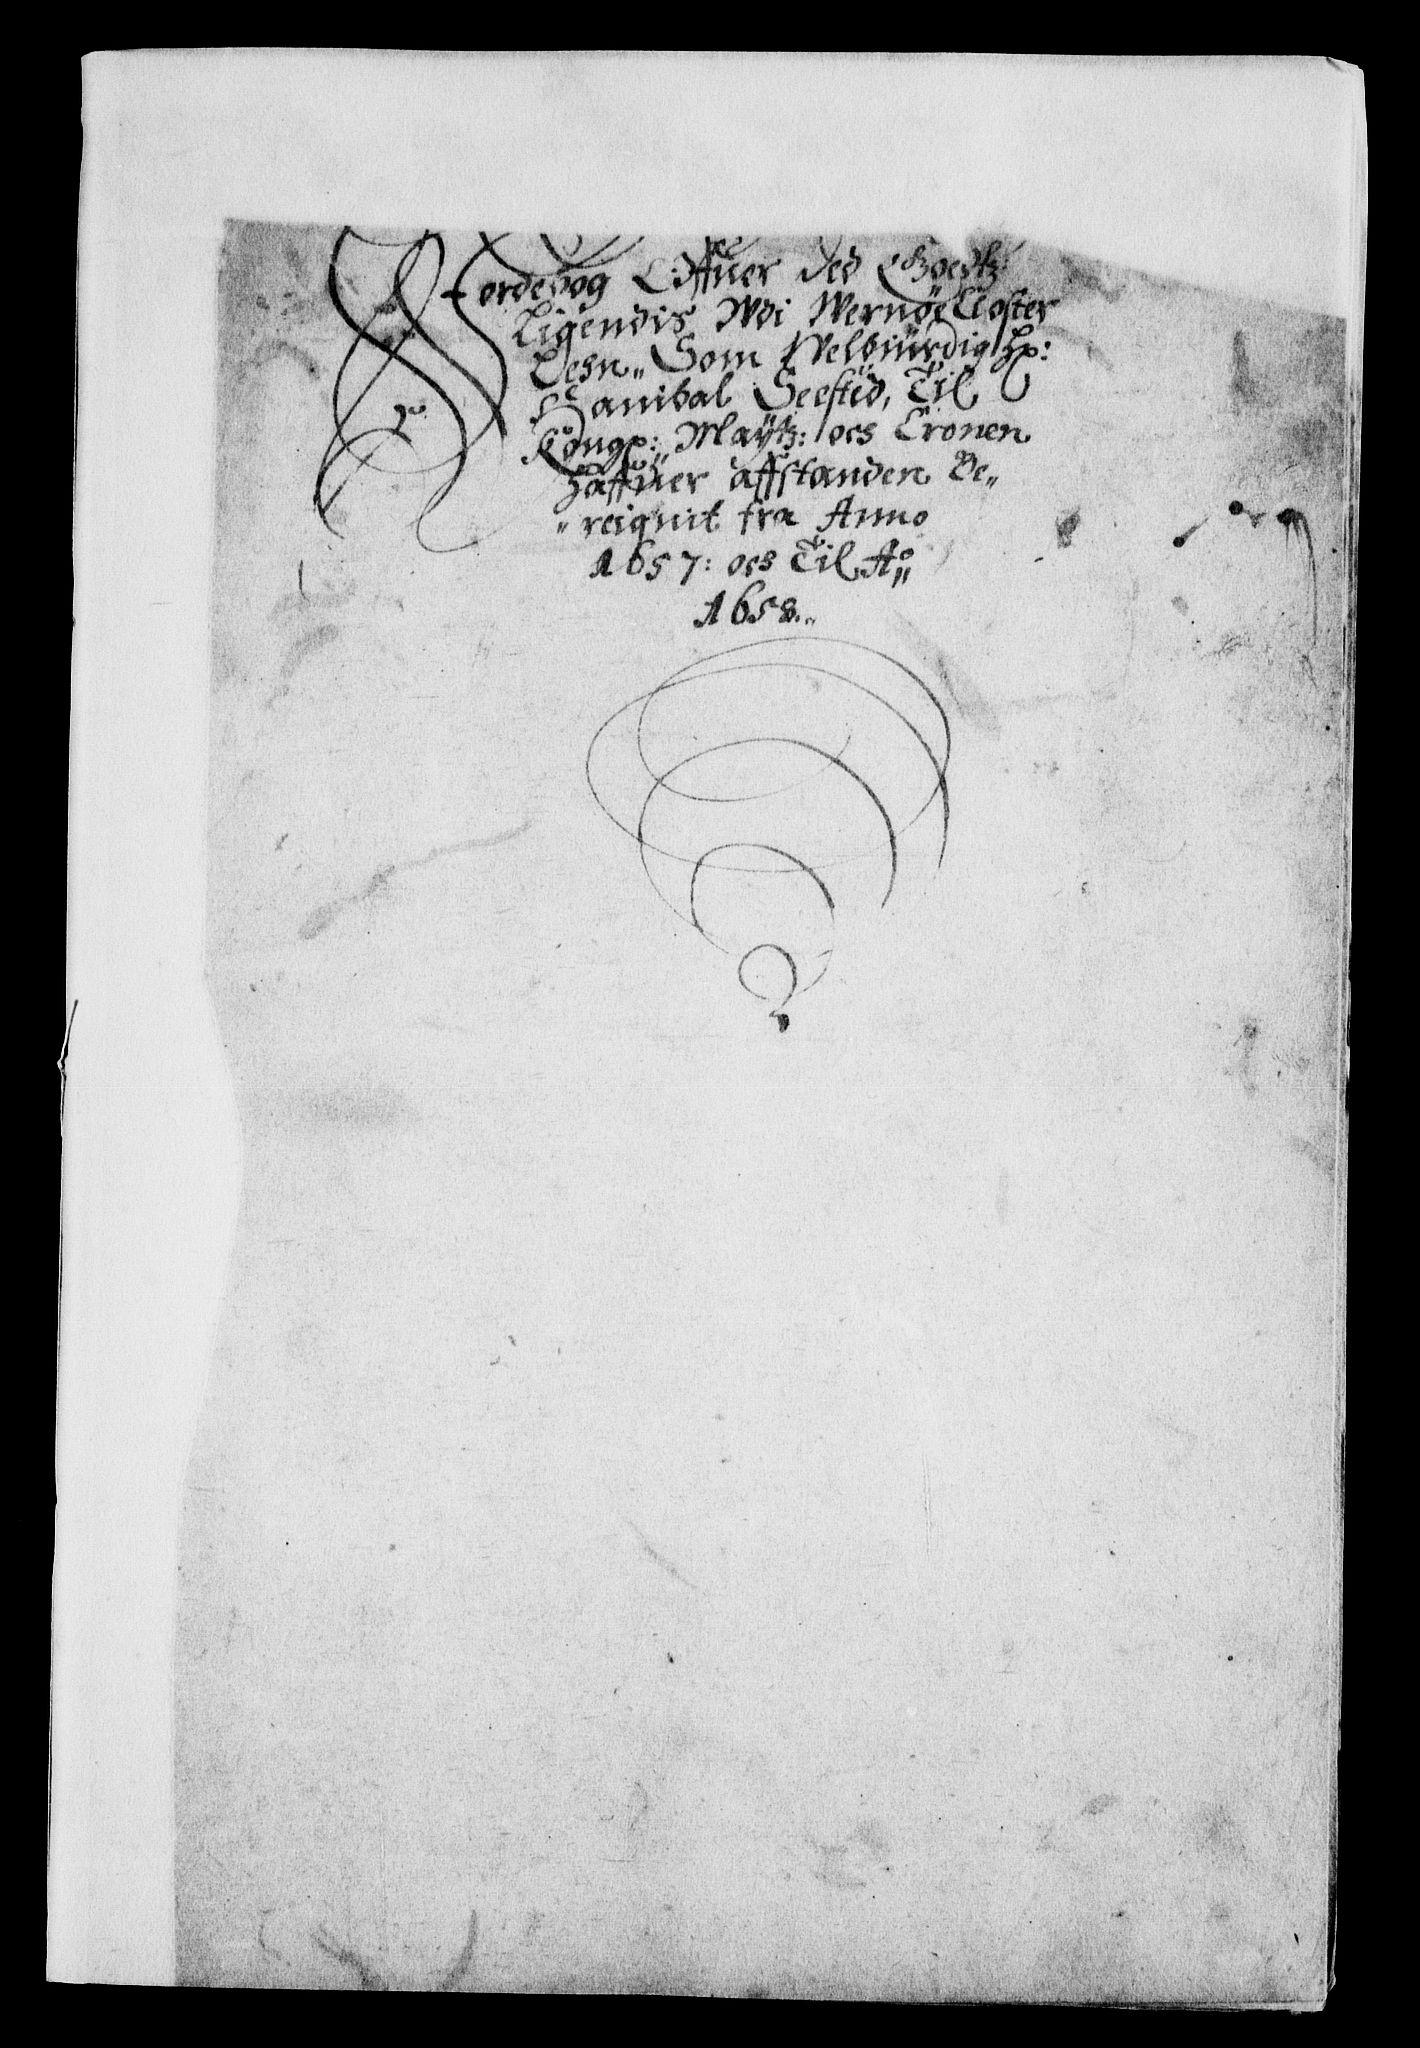 RA, Rentekammeret inntil 1814, Realistisk ordnet avdeling, On/L0007: [Jj 8]: Jordebøker og dokumenter innlevert til kongelig kommisjon 1672: Verne klosters gods, 1658-1672, s. 191